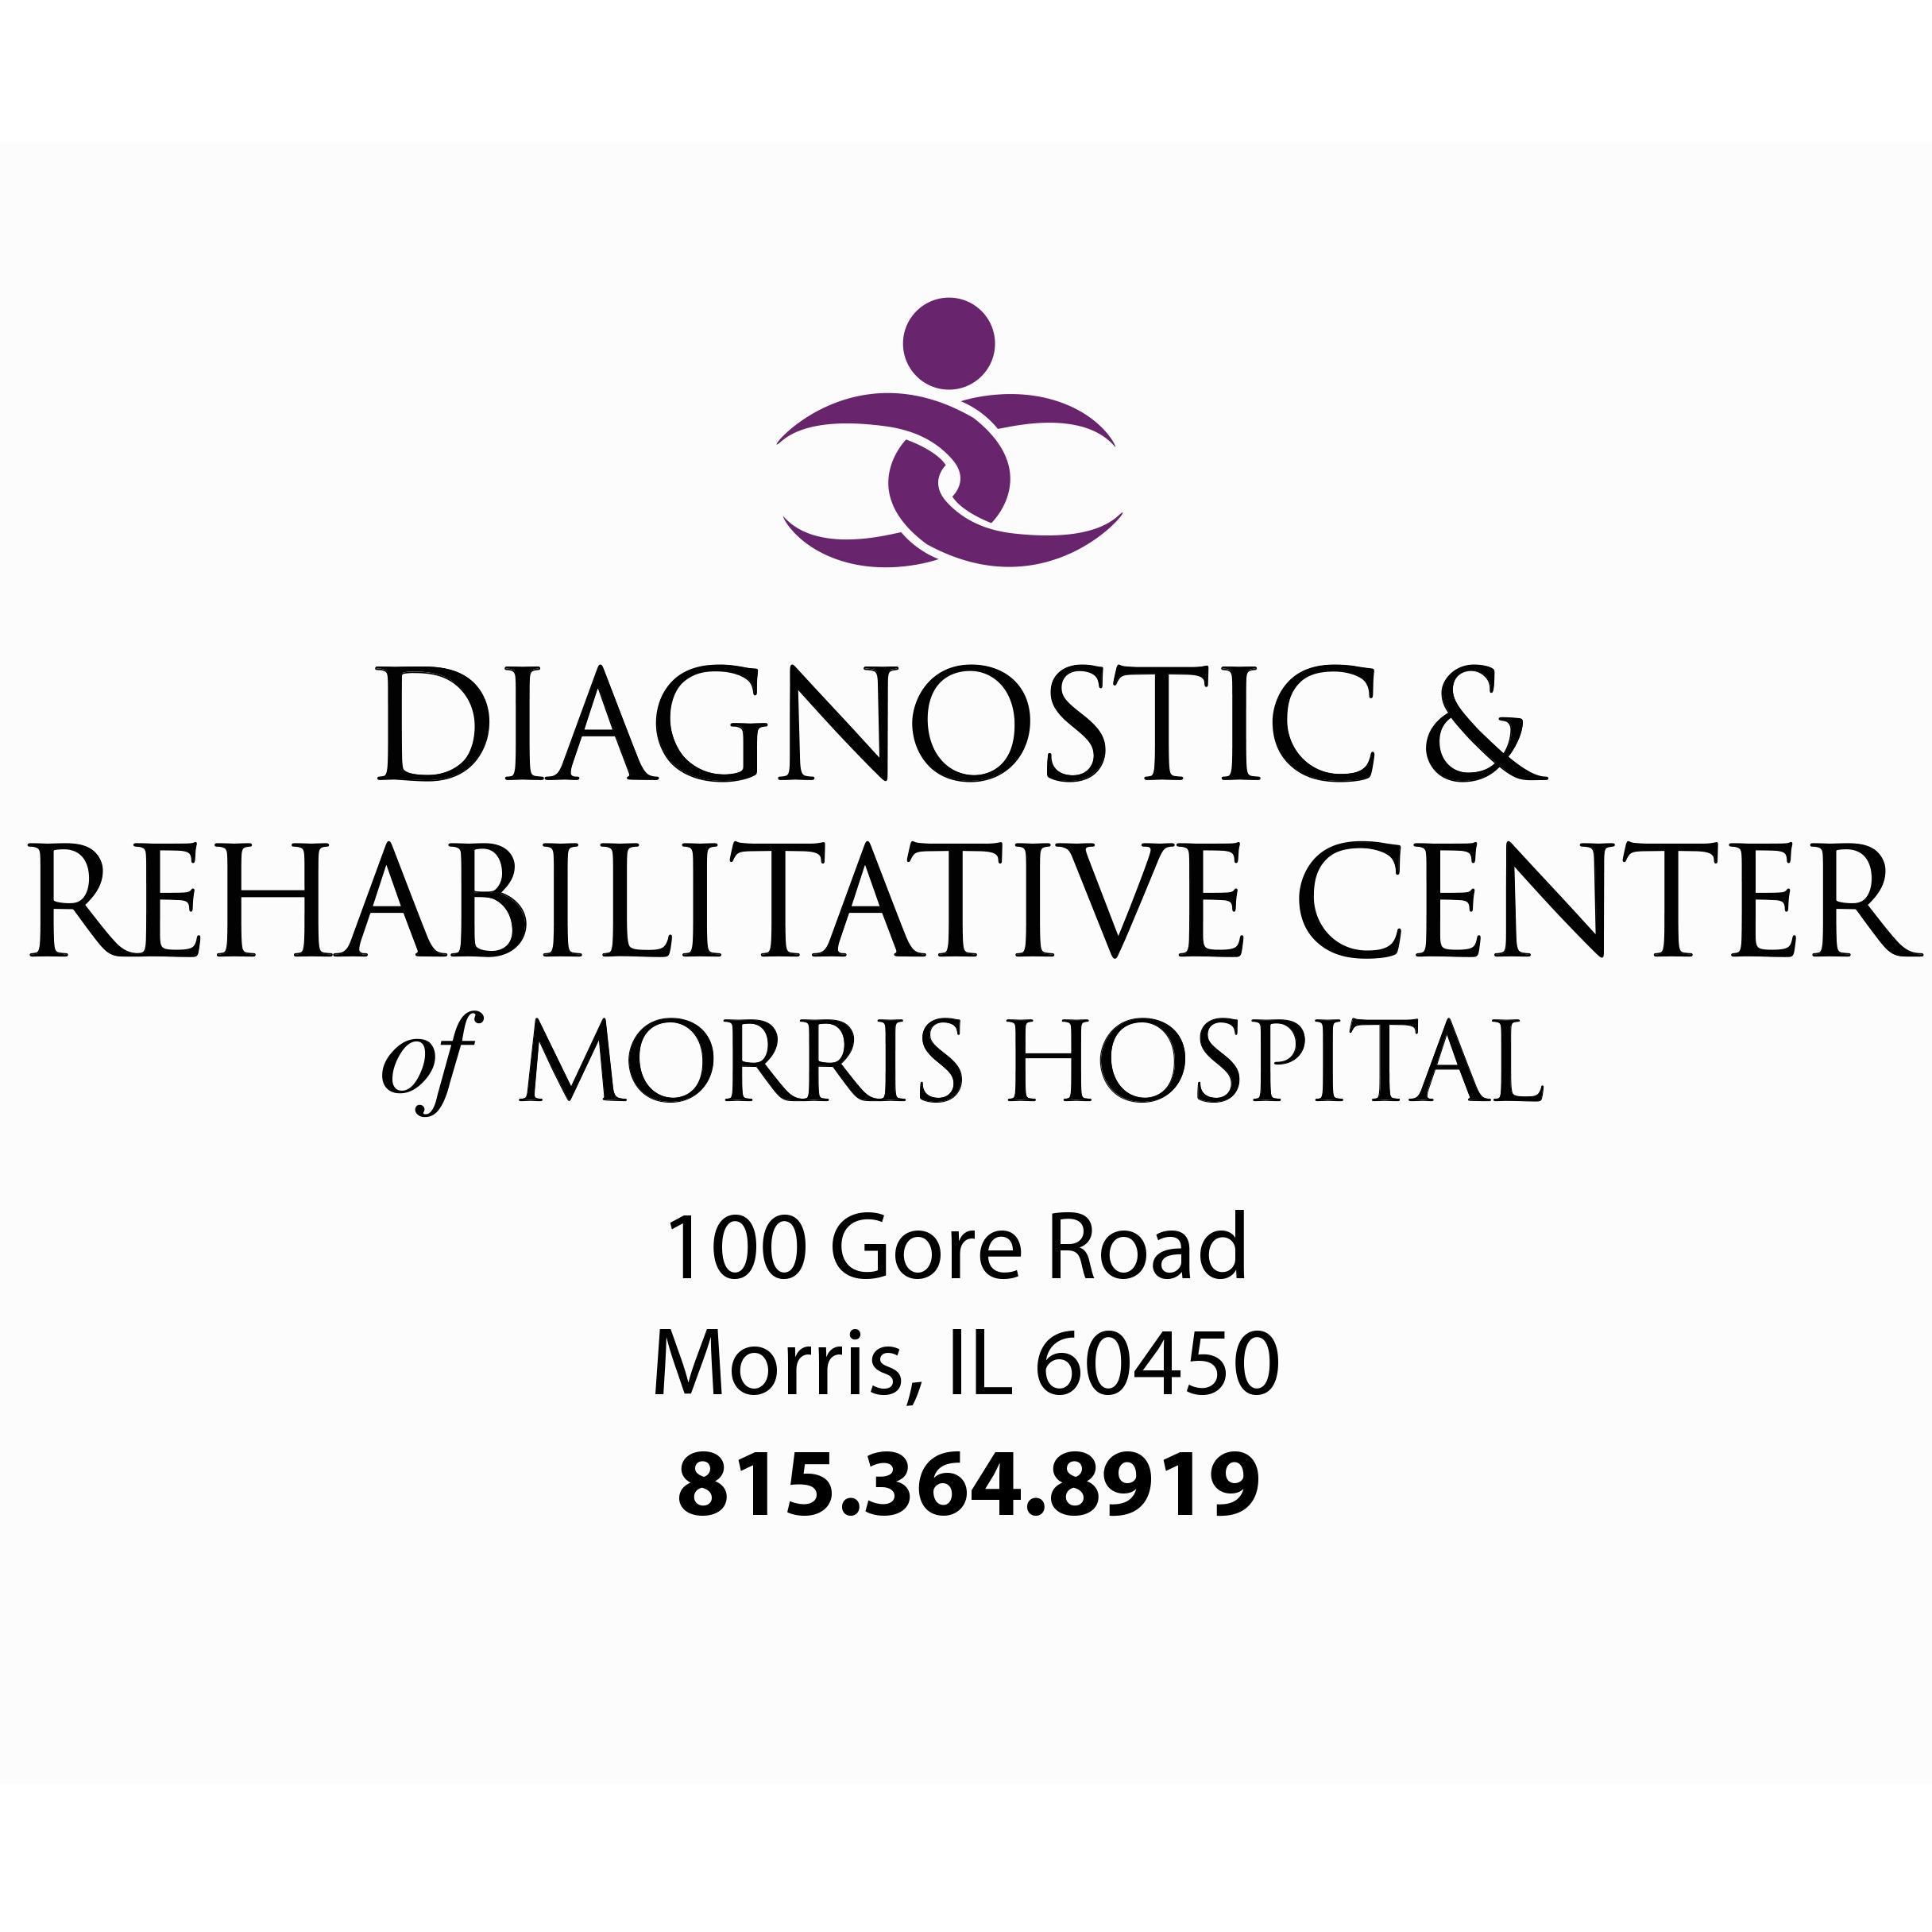 Diagnostic & Rehabilitative Center of Morris Hospital